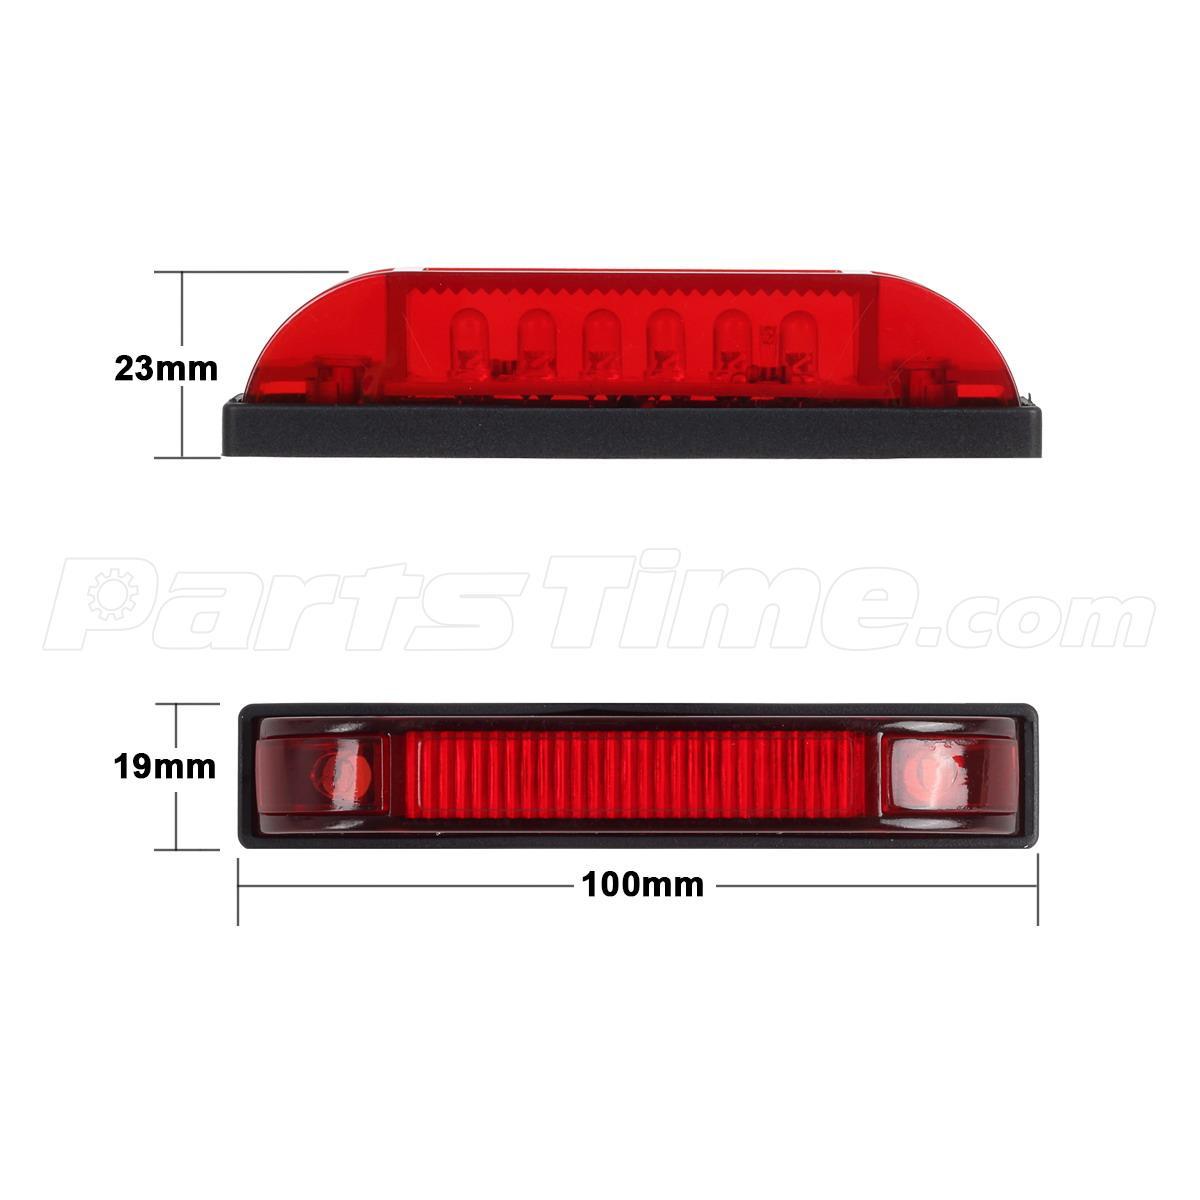 5x 4 utility strip light bar led marker light 12v truck. Black Bedroom Furniture Sets. Home Design Ideas